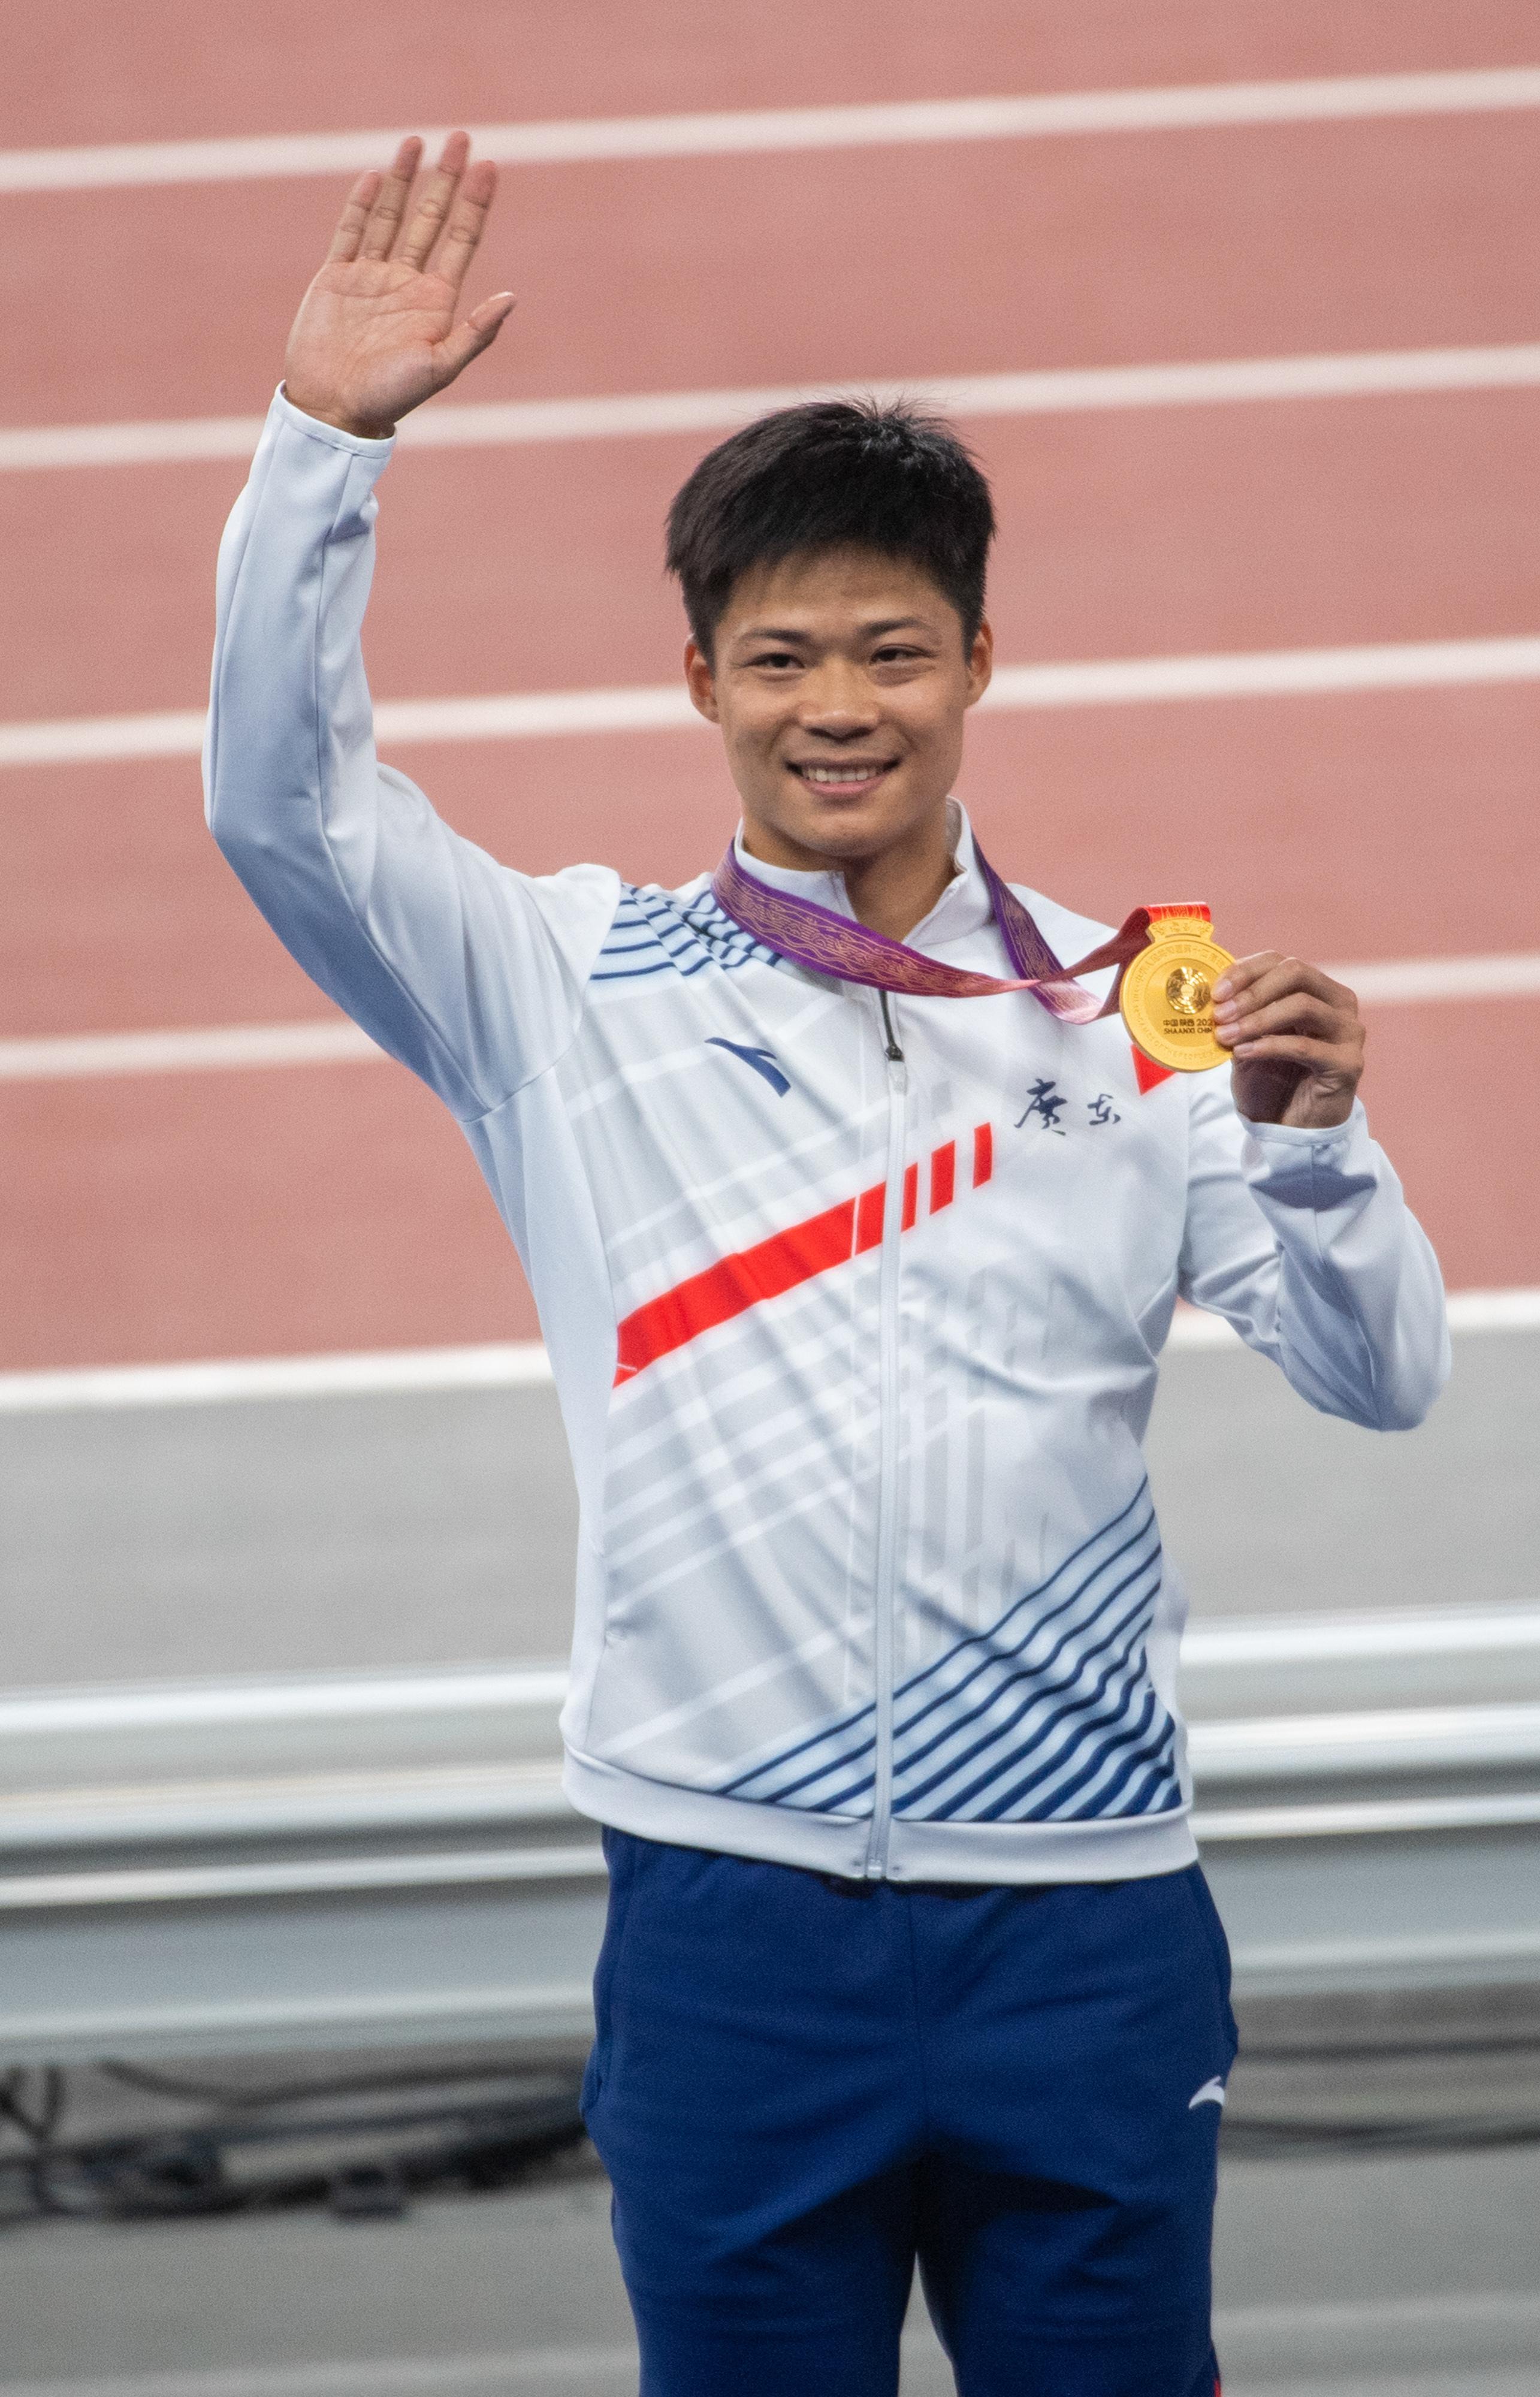 苏炳添展示全运会百米金牌。